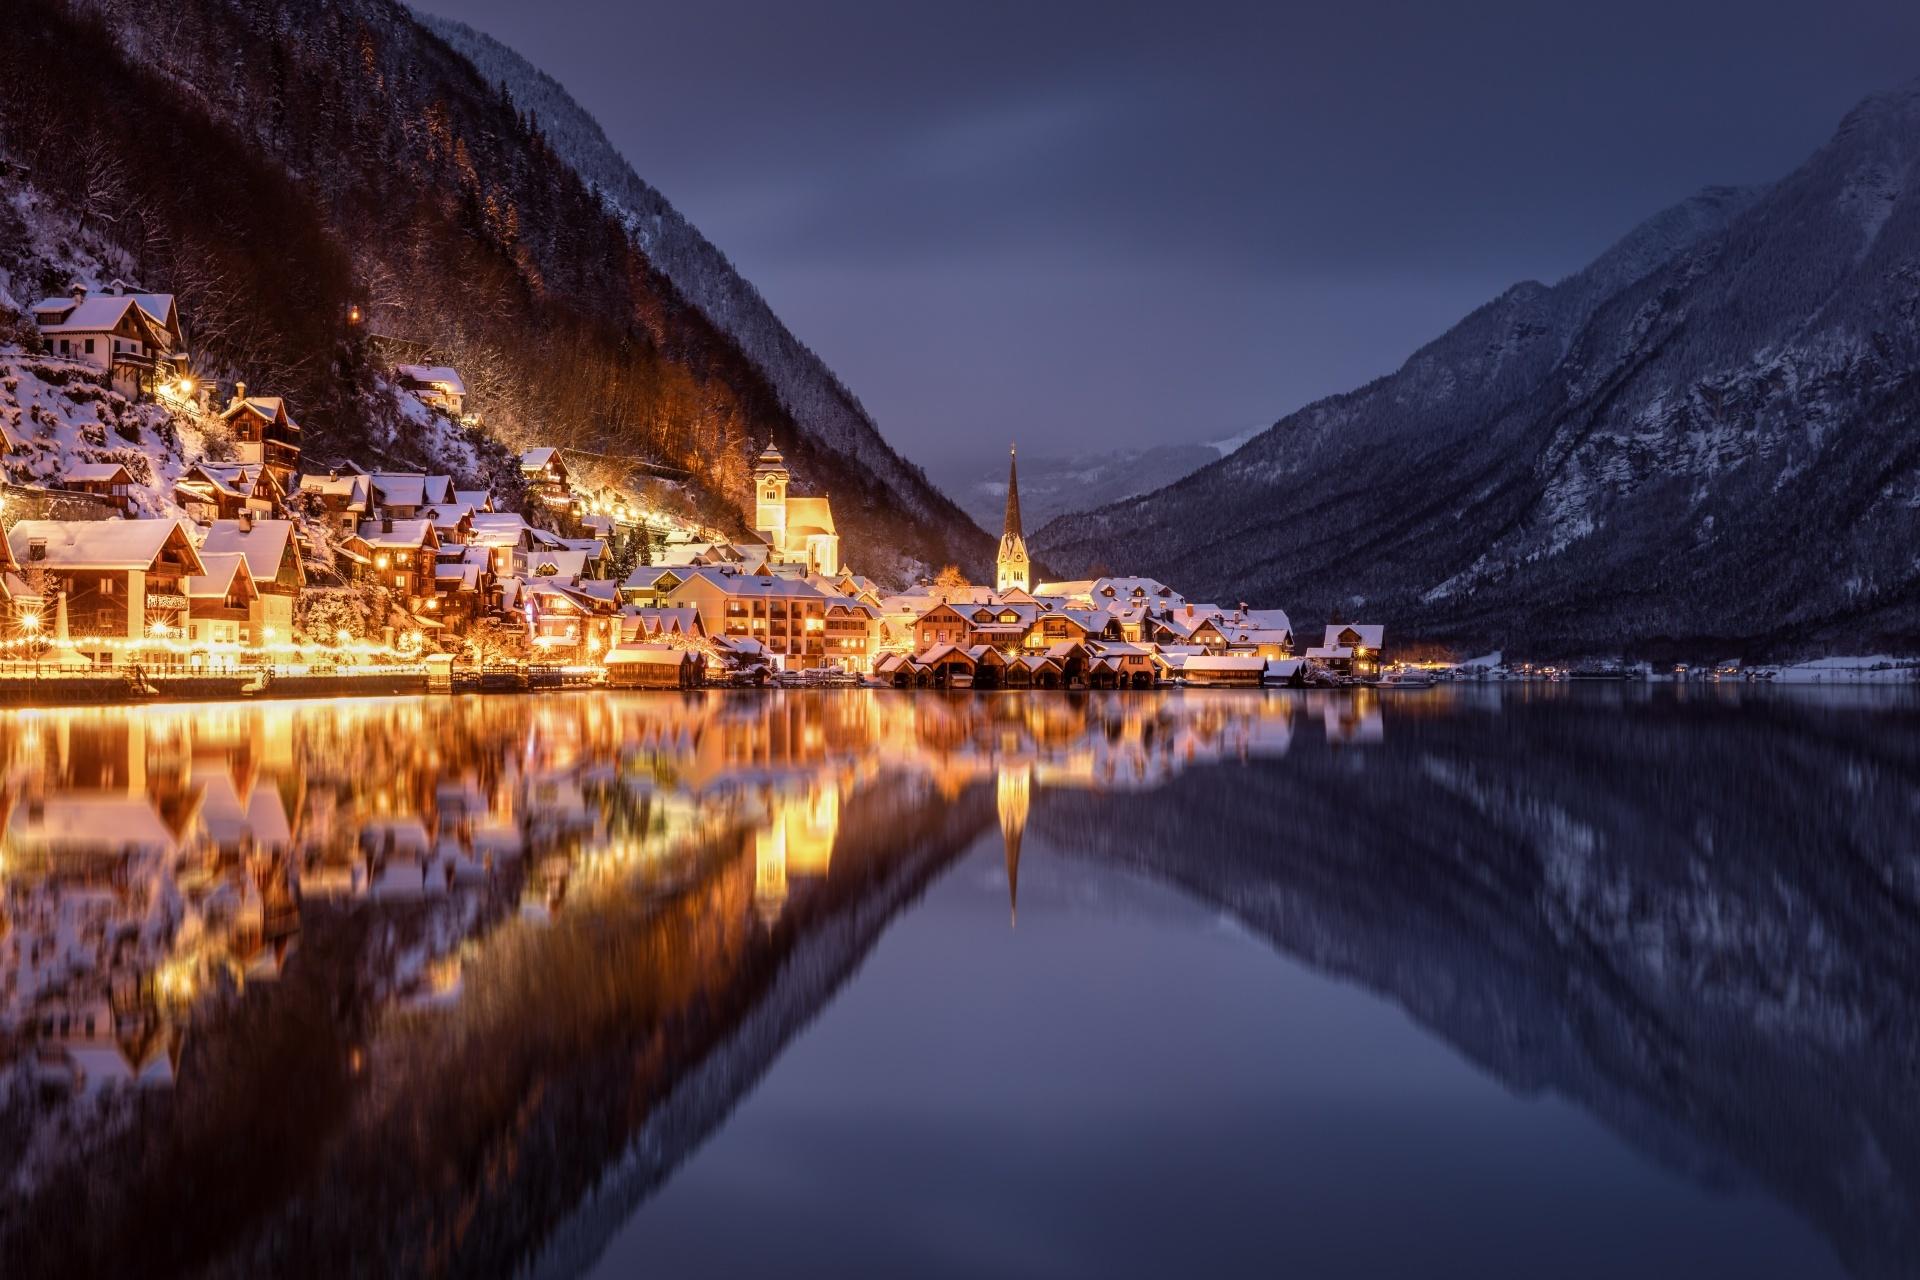 オーストリア ハルシュタットの夜の風景 オーストリアの風景